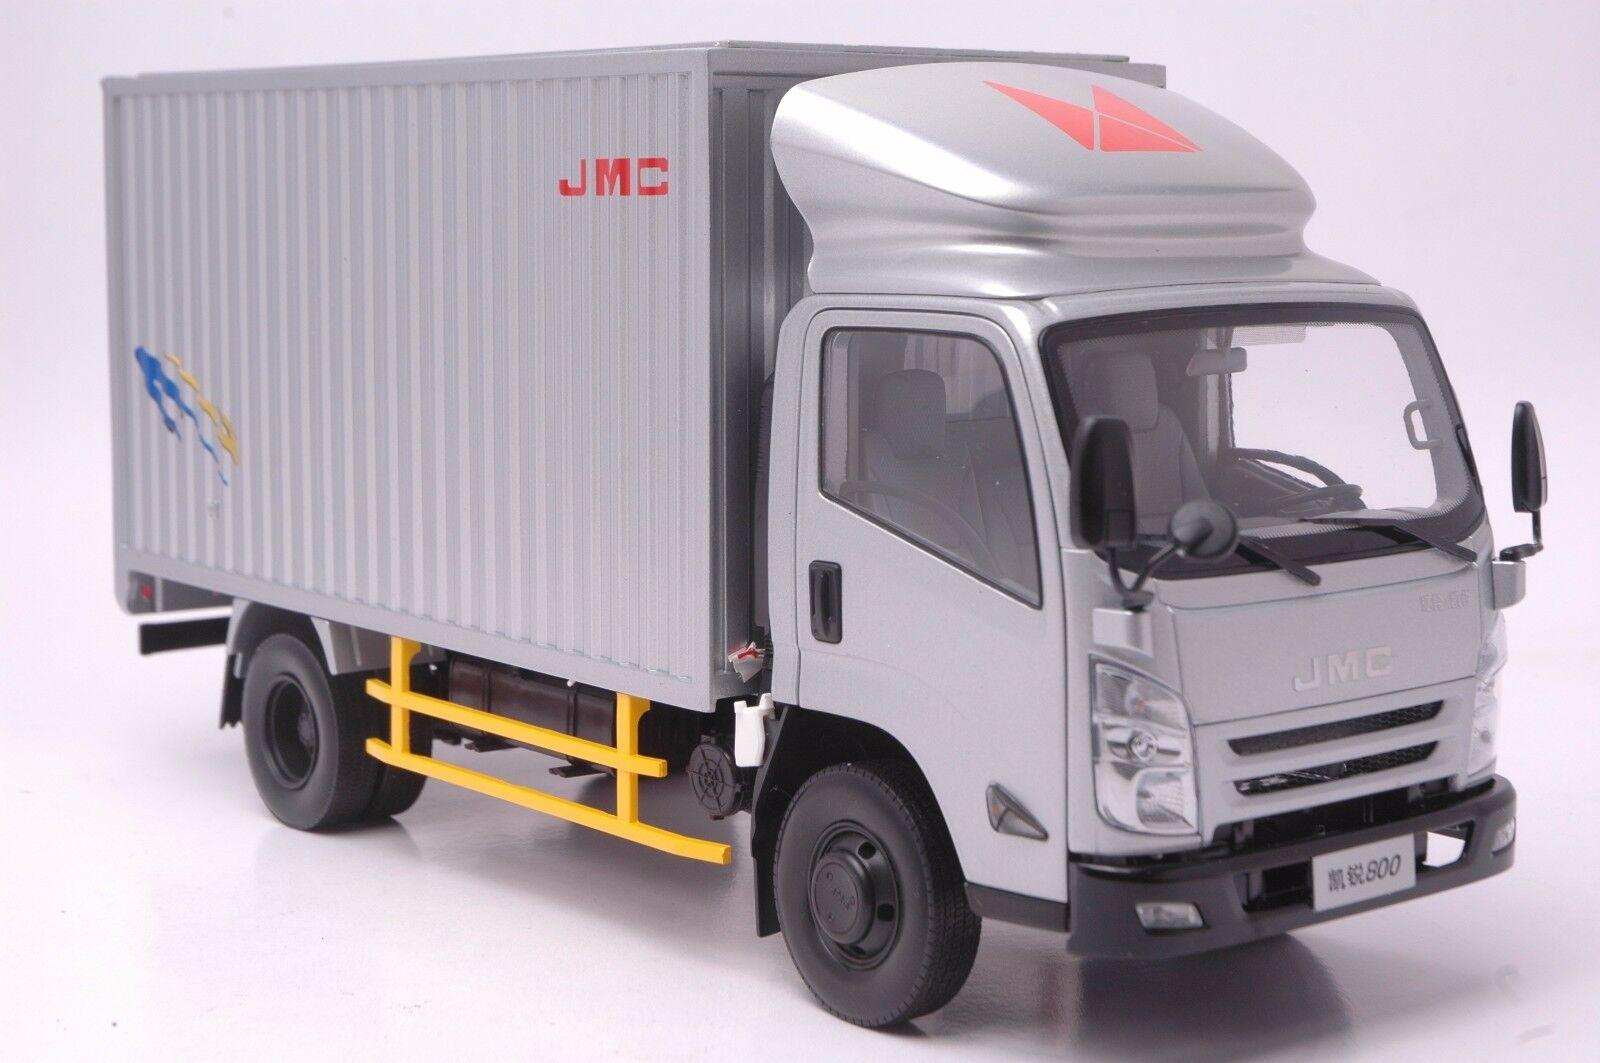 Jmc kairui N800 modelo de camión en escala 1 18 argento